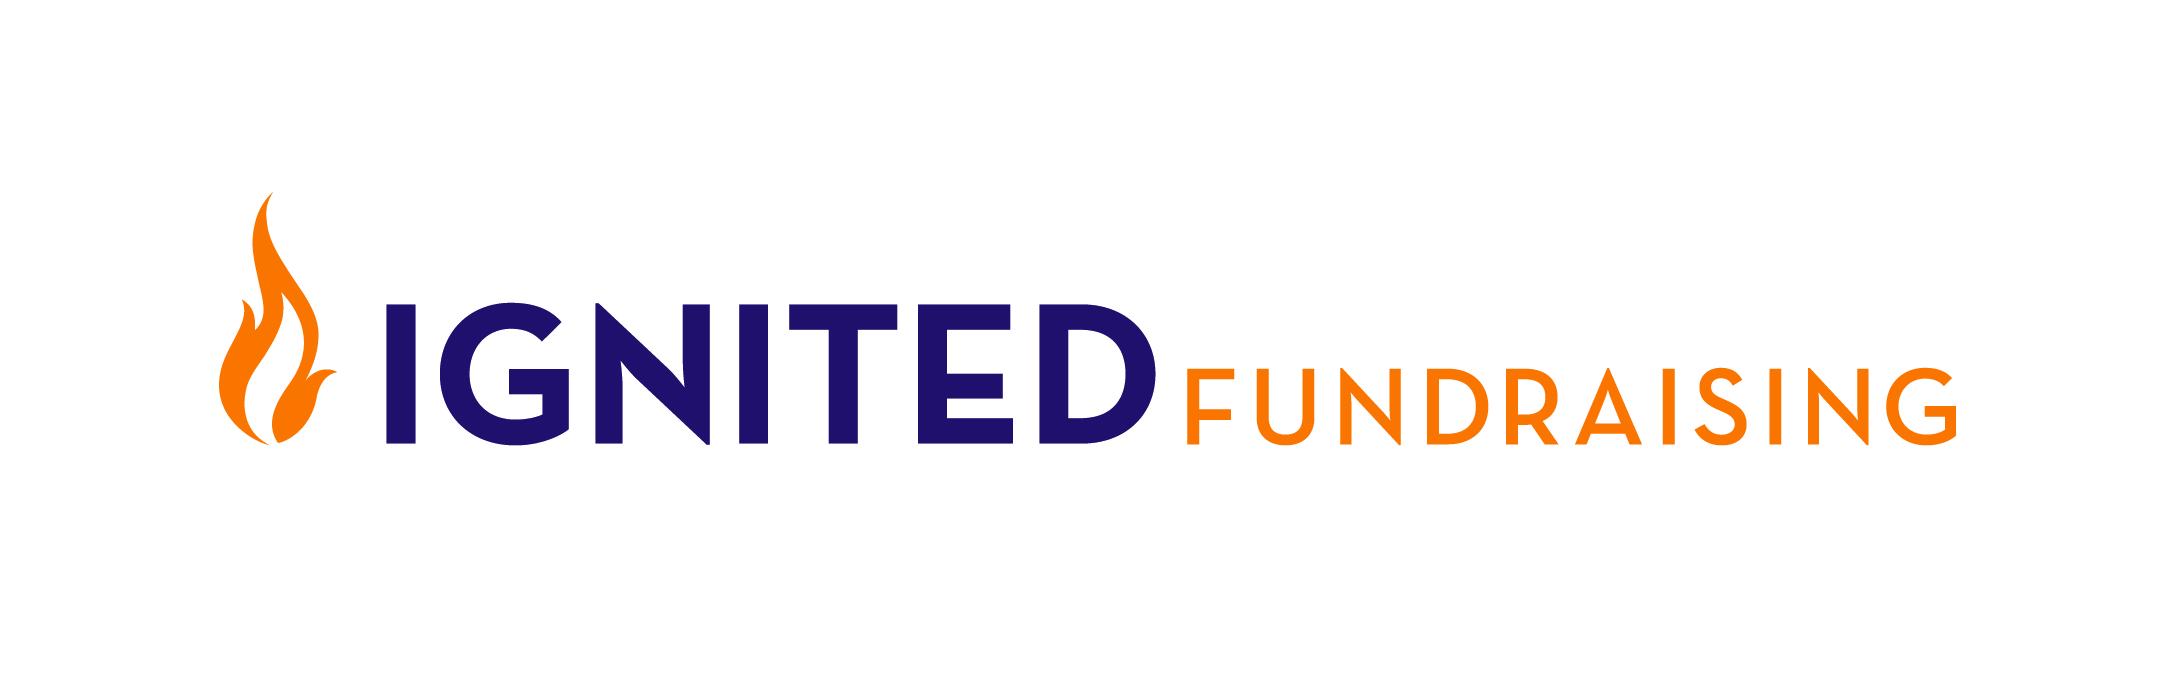 Ignited Fundraising Logo